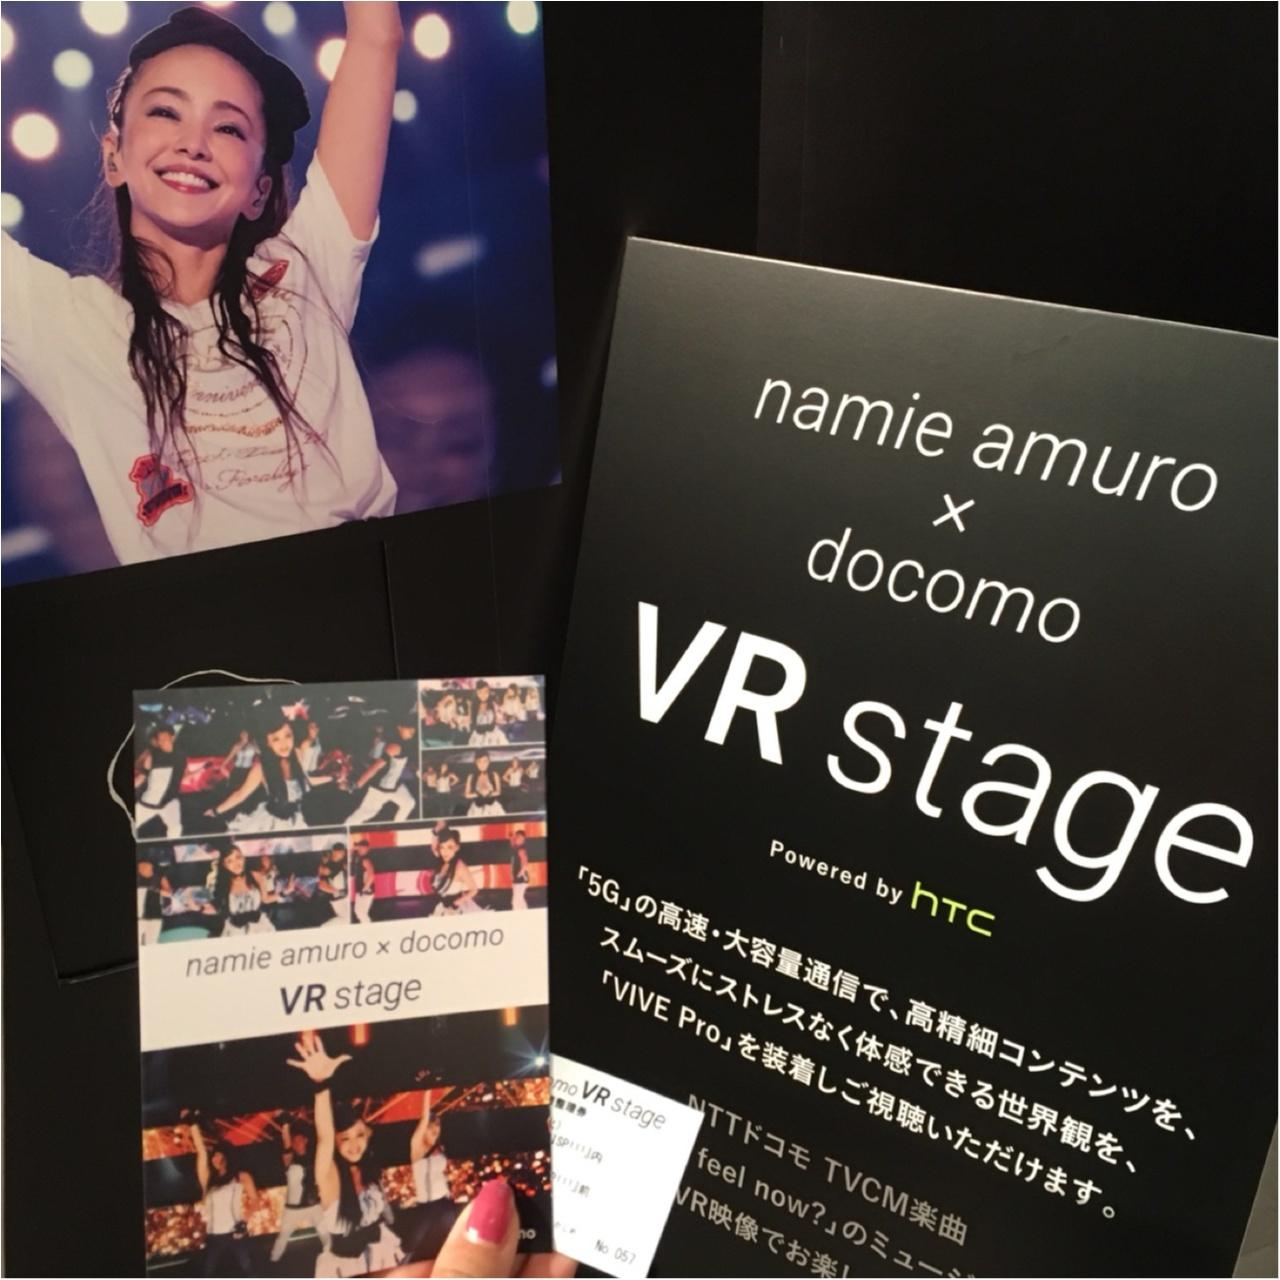 目の前に憧れの安室ちゃんが!namie  amuro×docomo VR stageを体験してきました♡_2